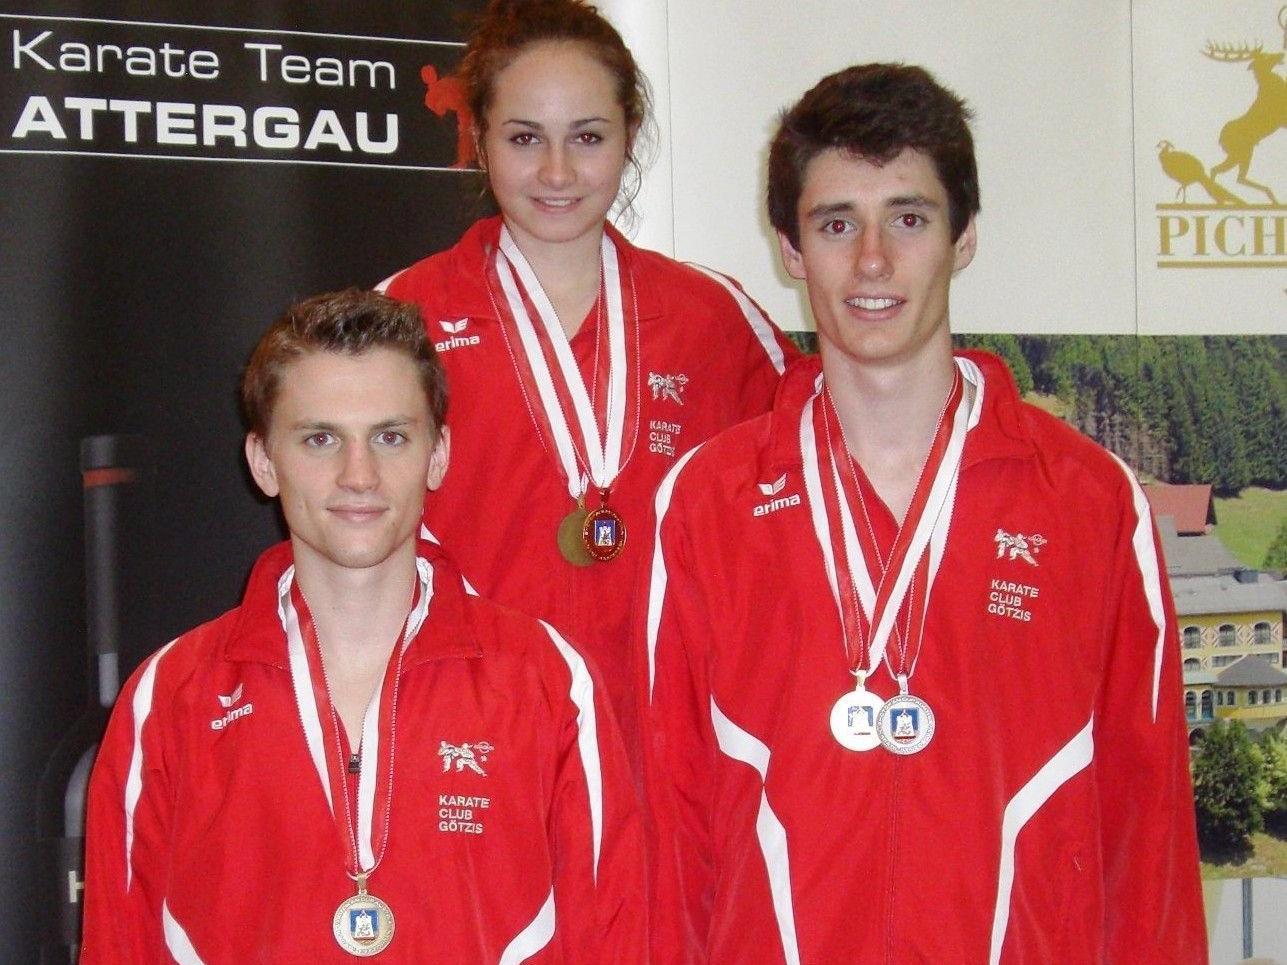 Die Medaillengewinner v.l. Jan Fleisch, Rebecca Rieder, Tobias Muther